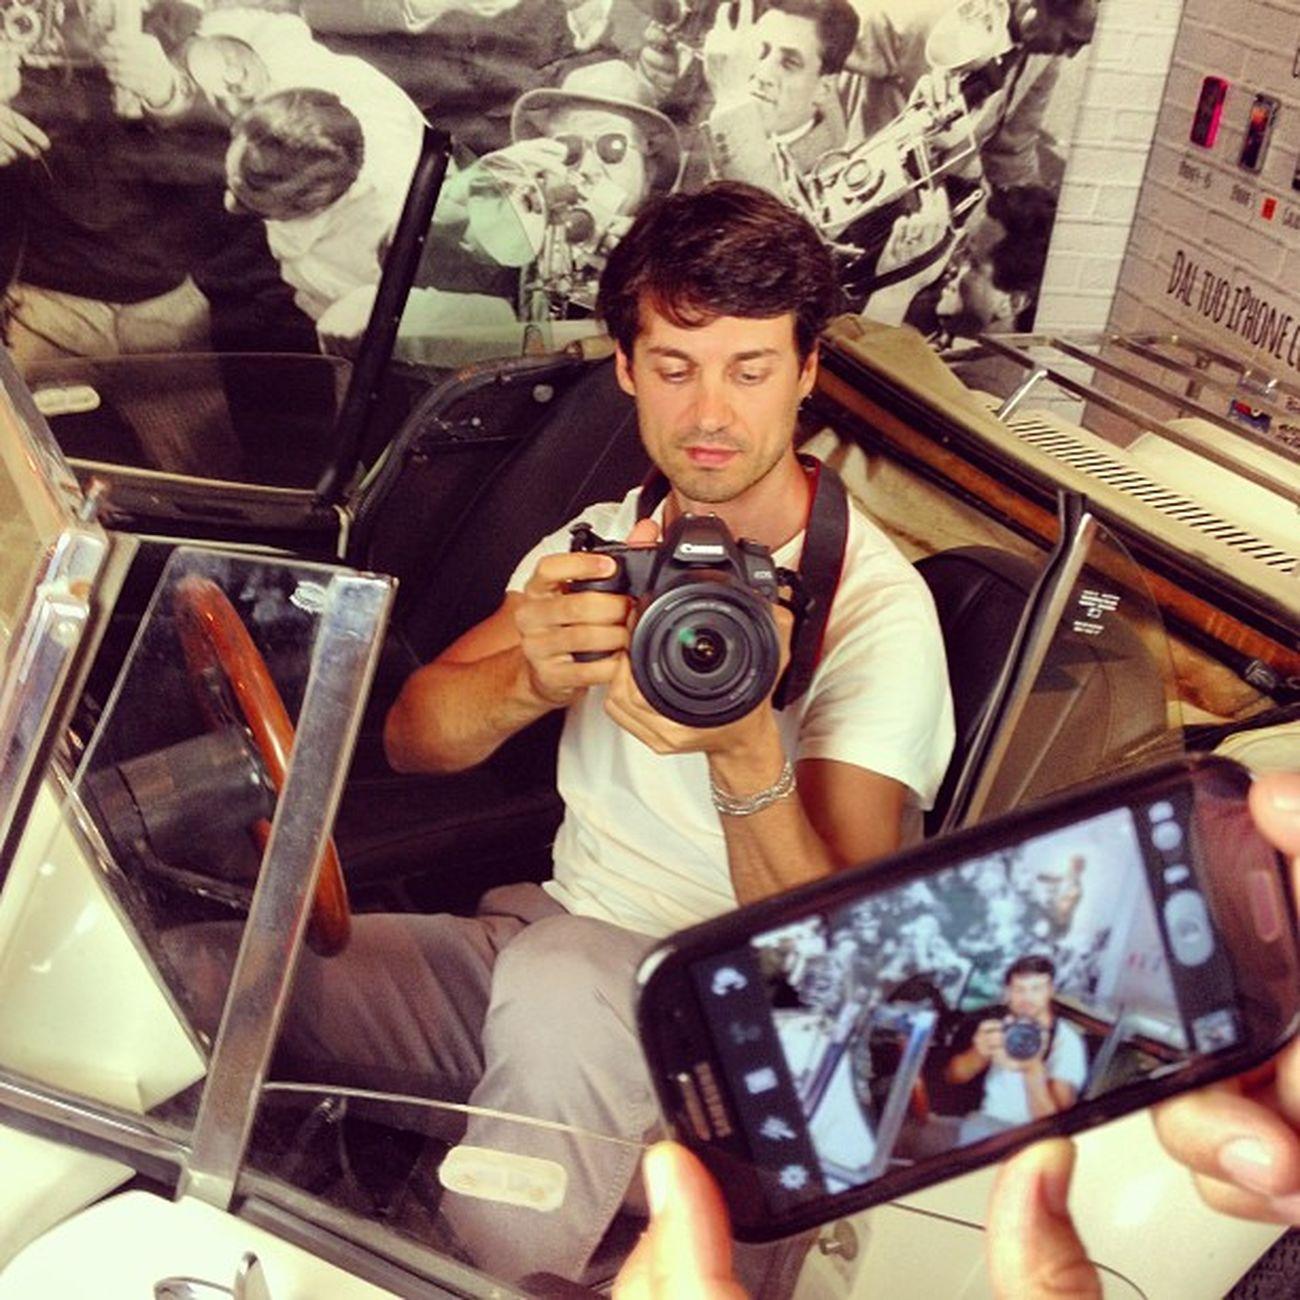 #photosicafe Photosicafe